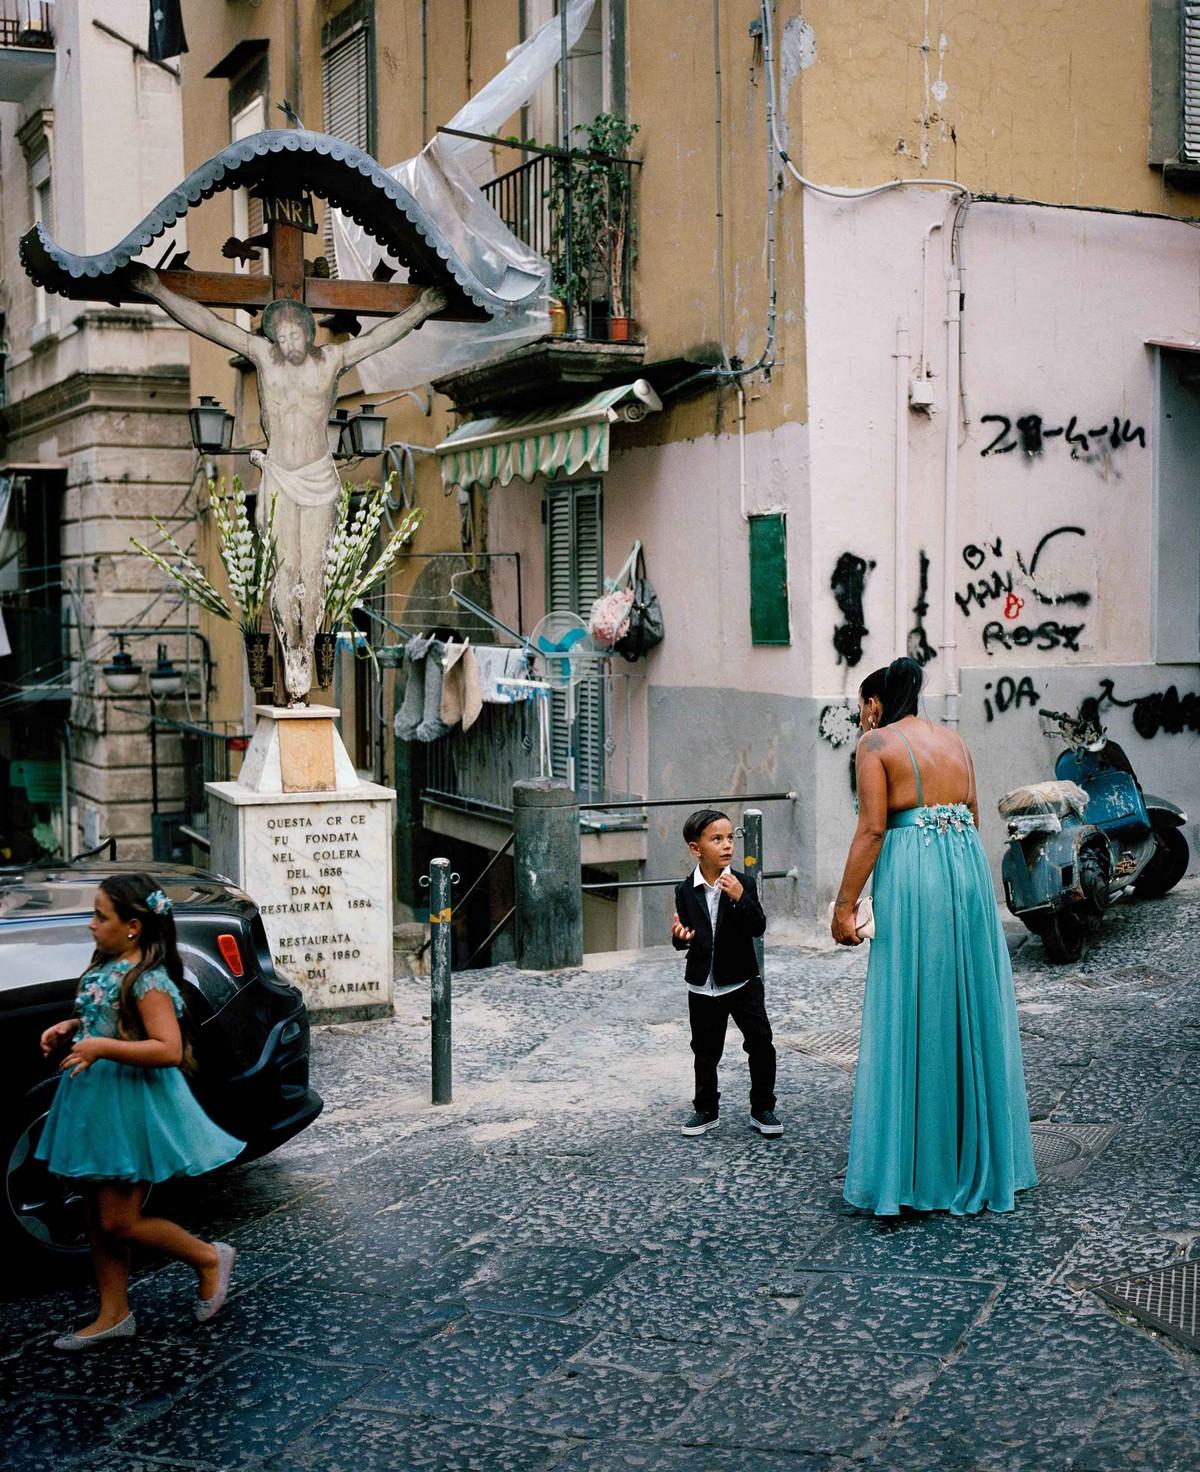 «Увидеть Неаполь и умереть»: жизнь в мафиозном городе на снимках Сэма Грегга (25 фото)